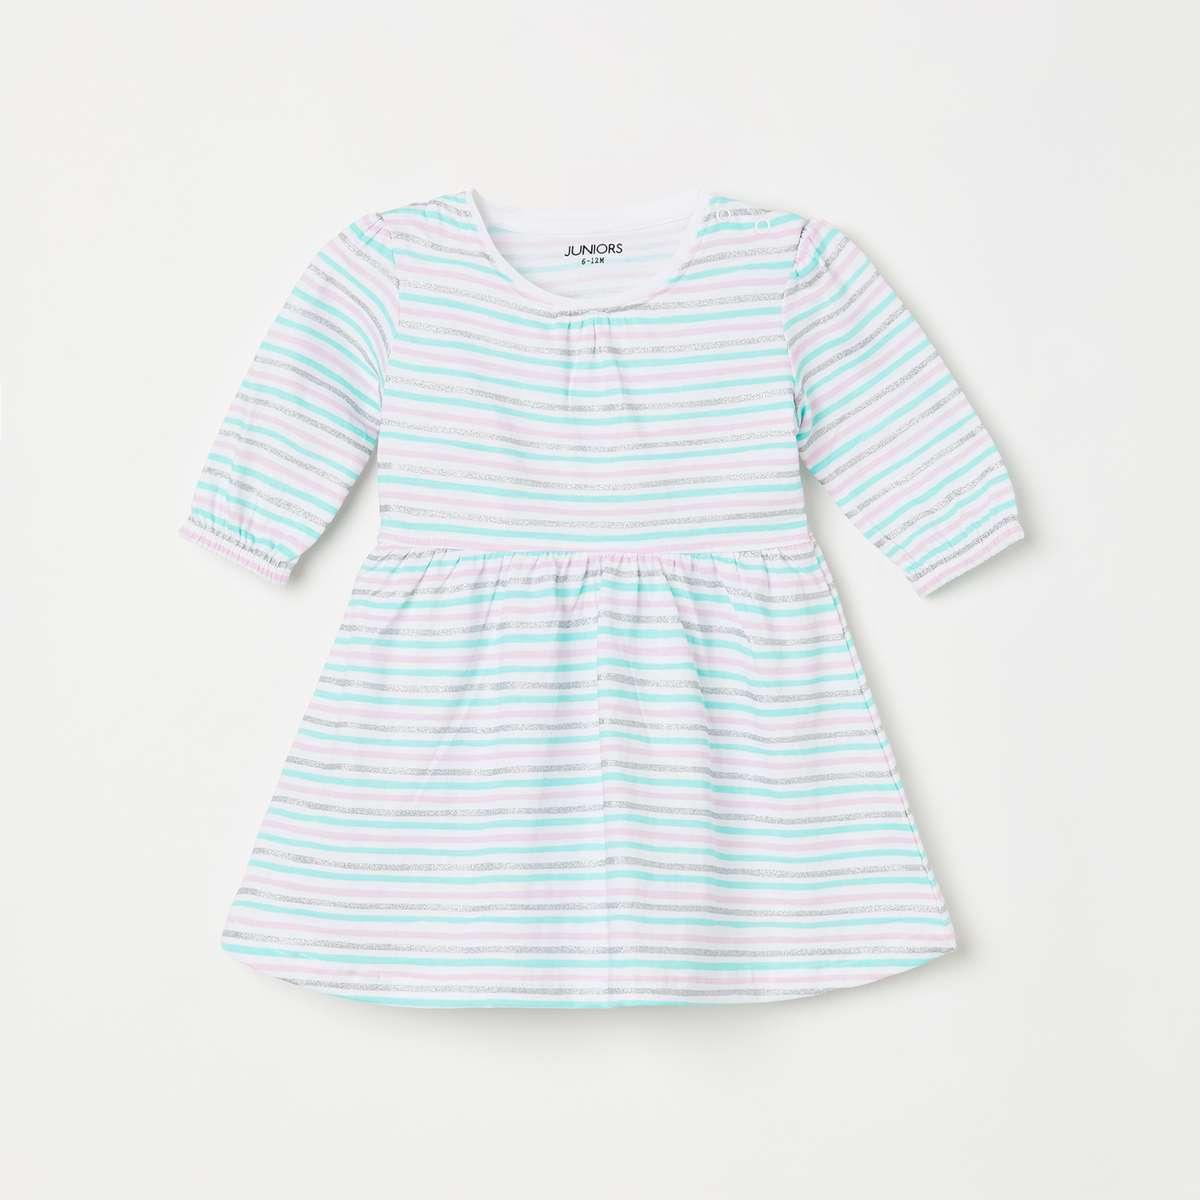 2.JUNIORS Girls Striped A-Line Dress